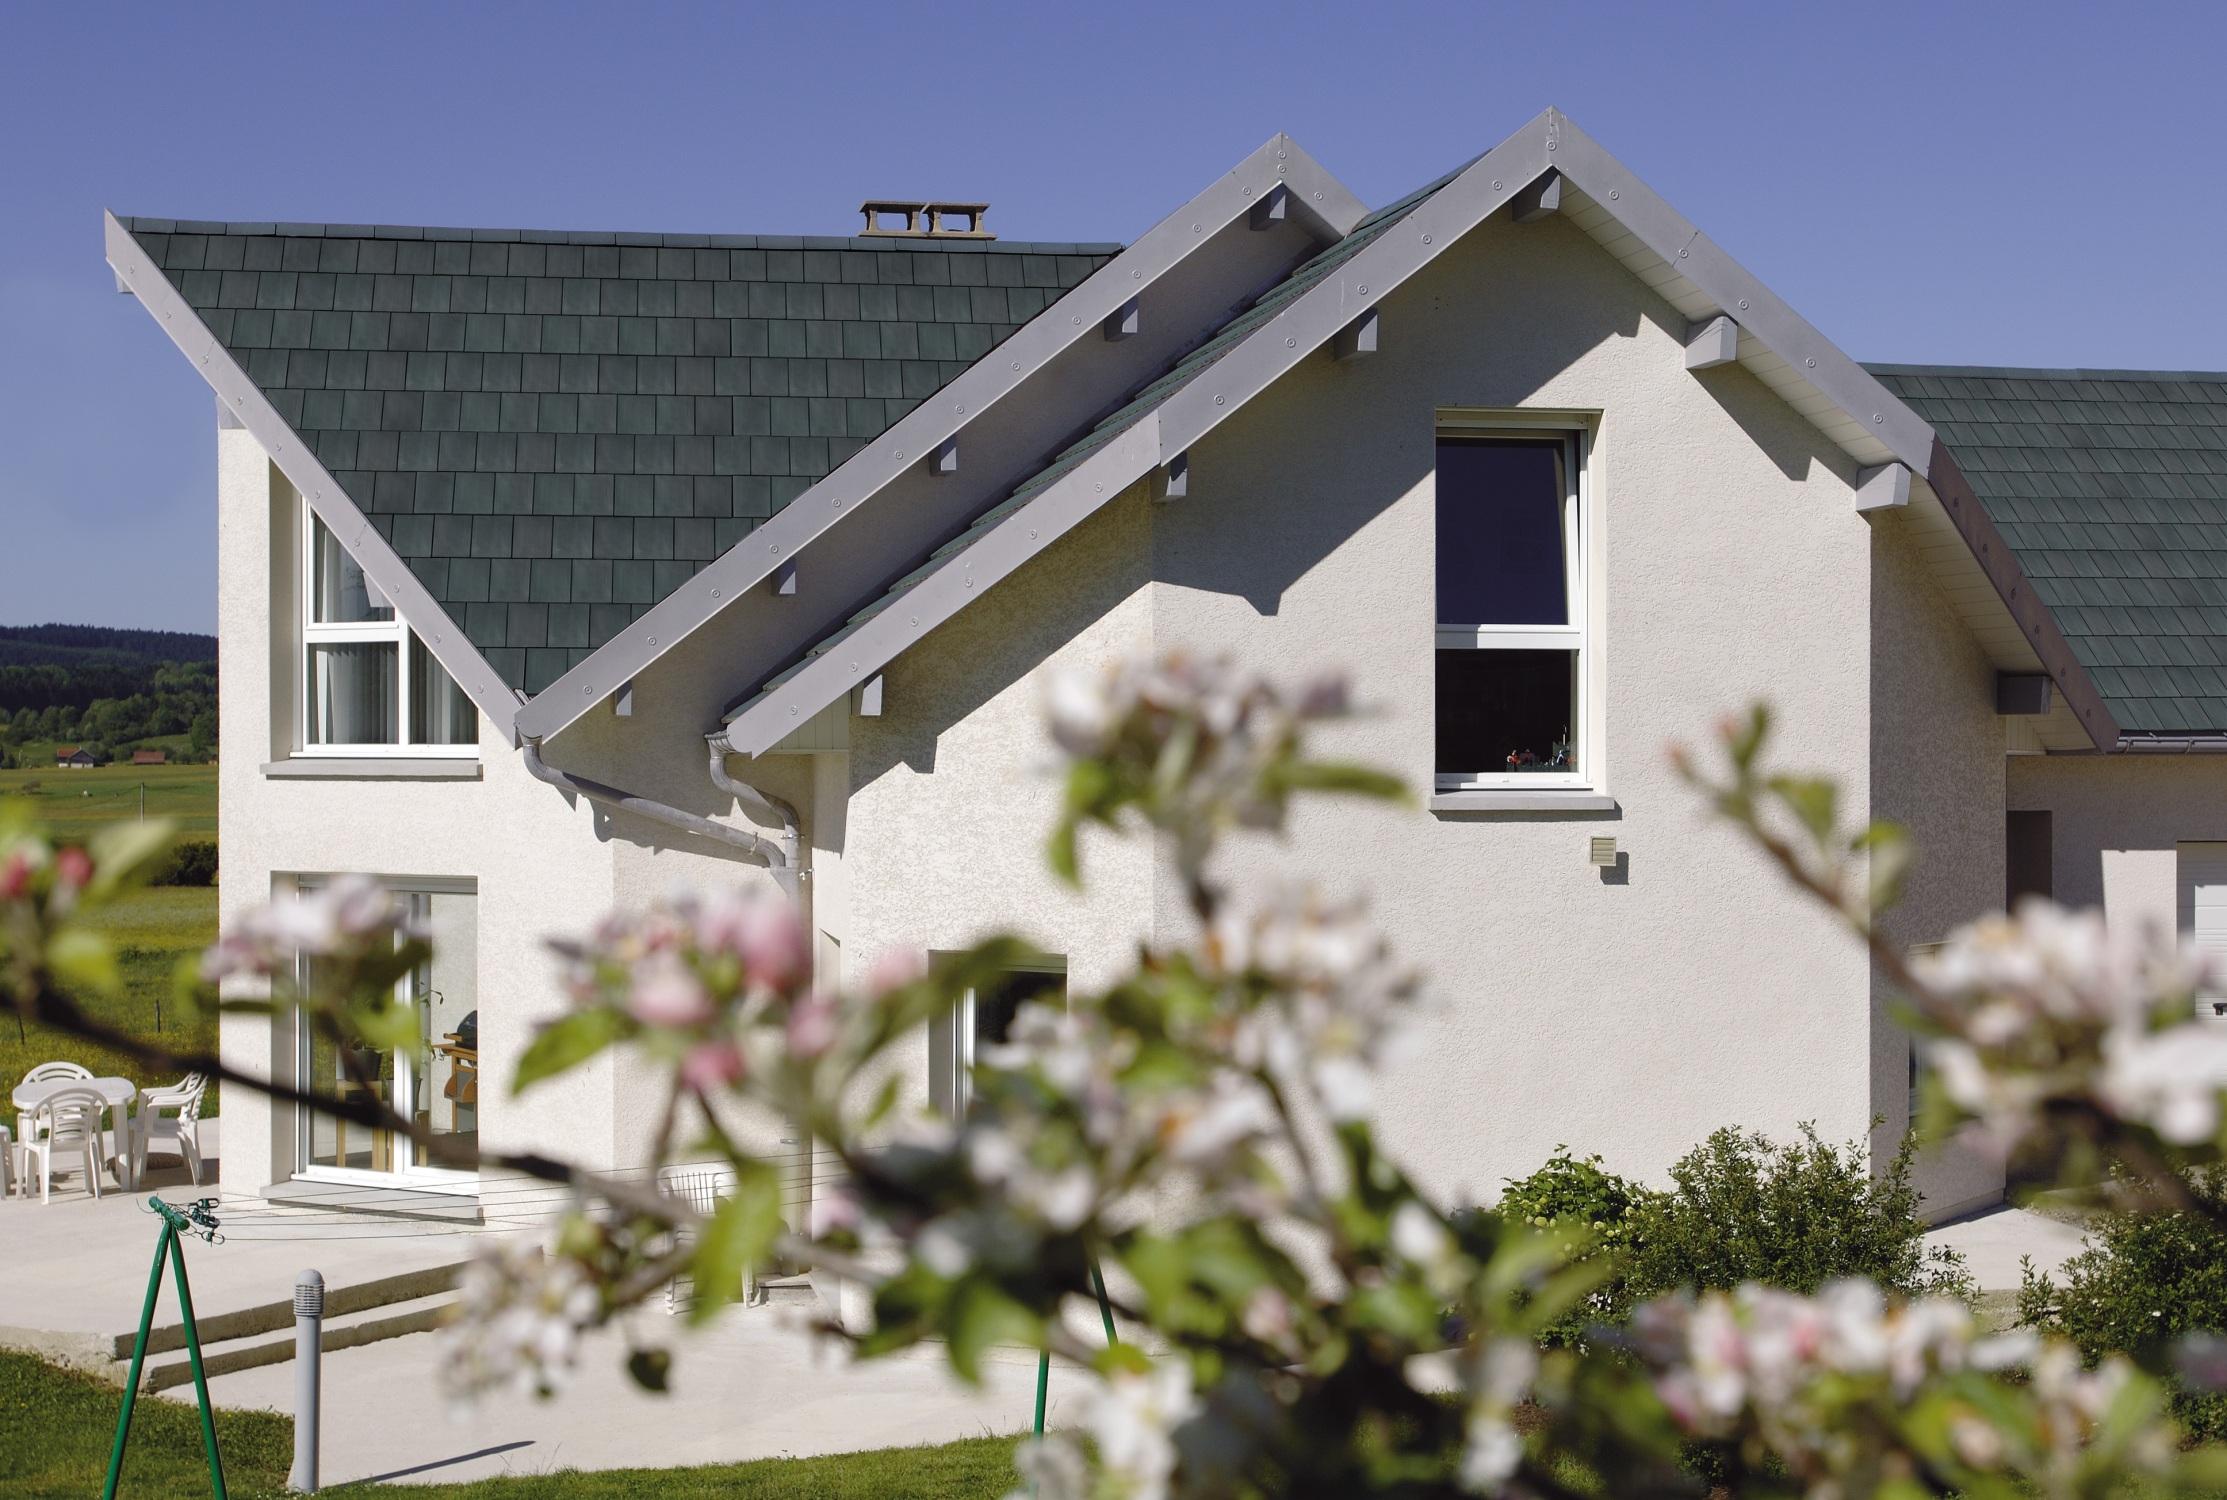 R novation de toiture petite r paration ou gros travaux for Renovation de toiture prix